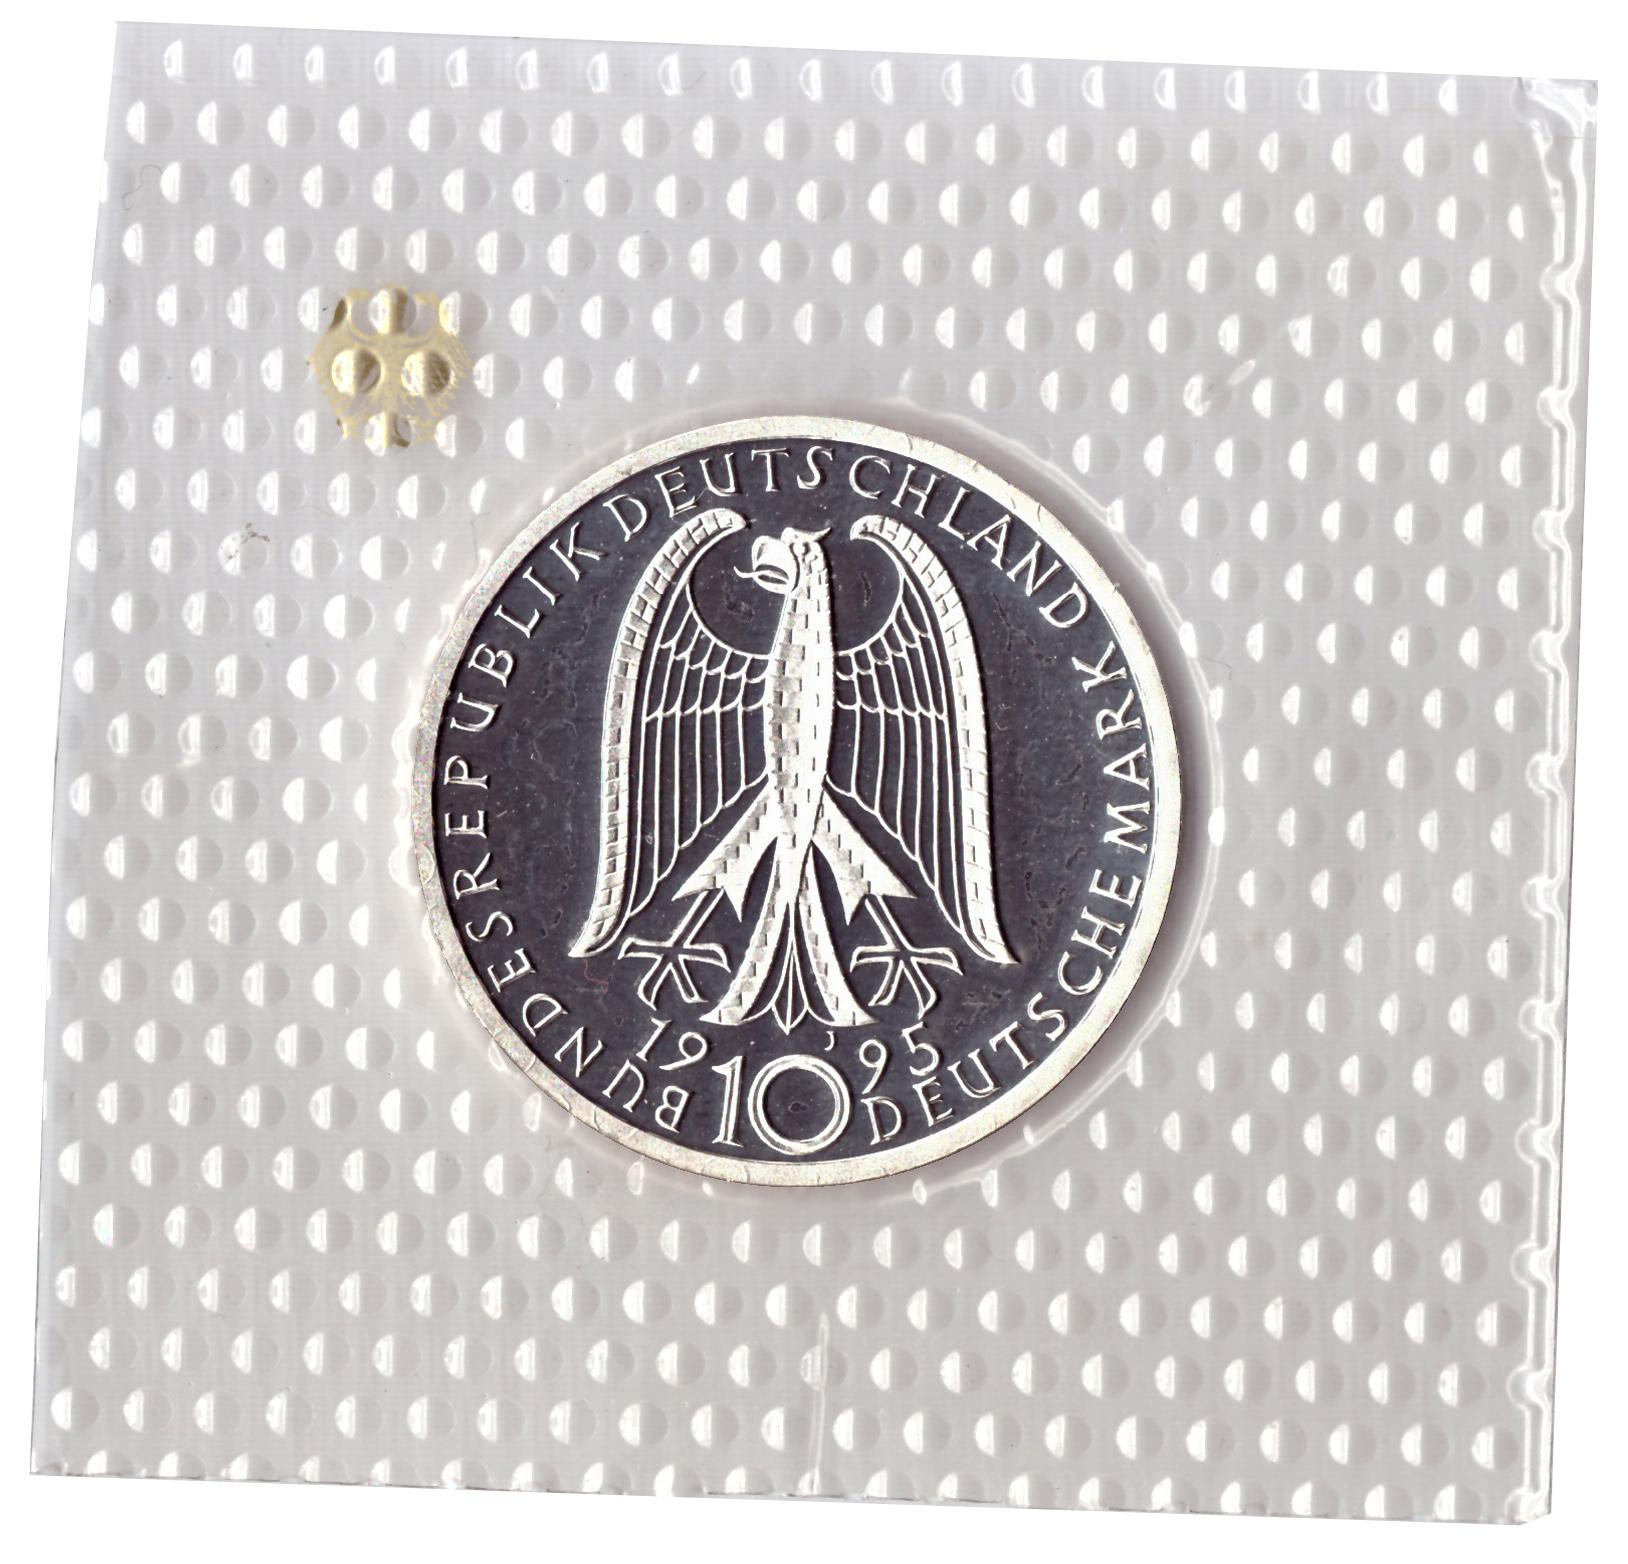 10 марок 1995 год (J) 50 лет со дня бомбардировки Дрездена (Мир и согласие), Германия. PROOF в родной запайке